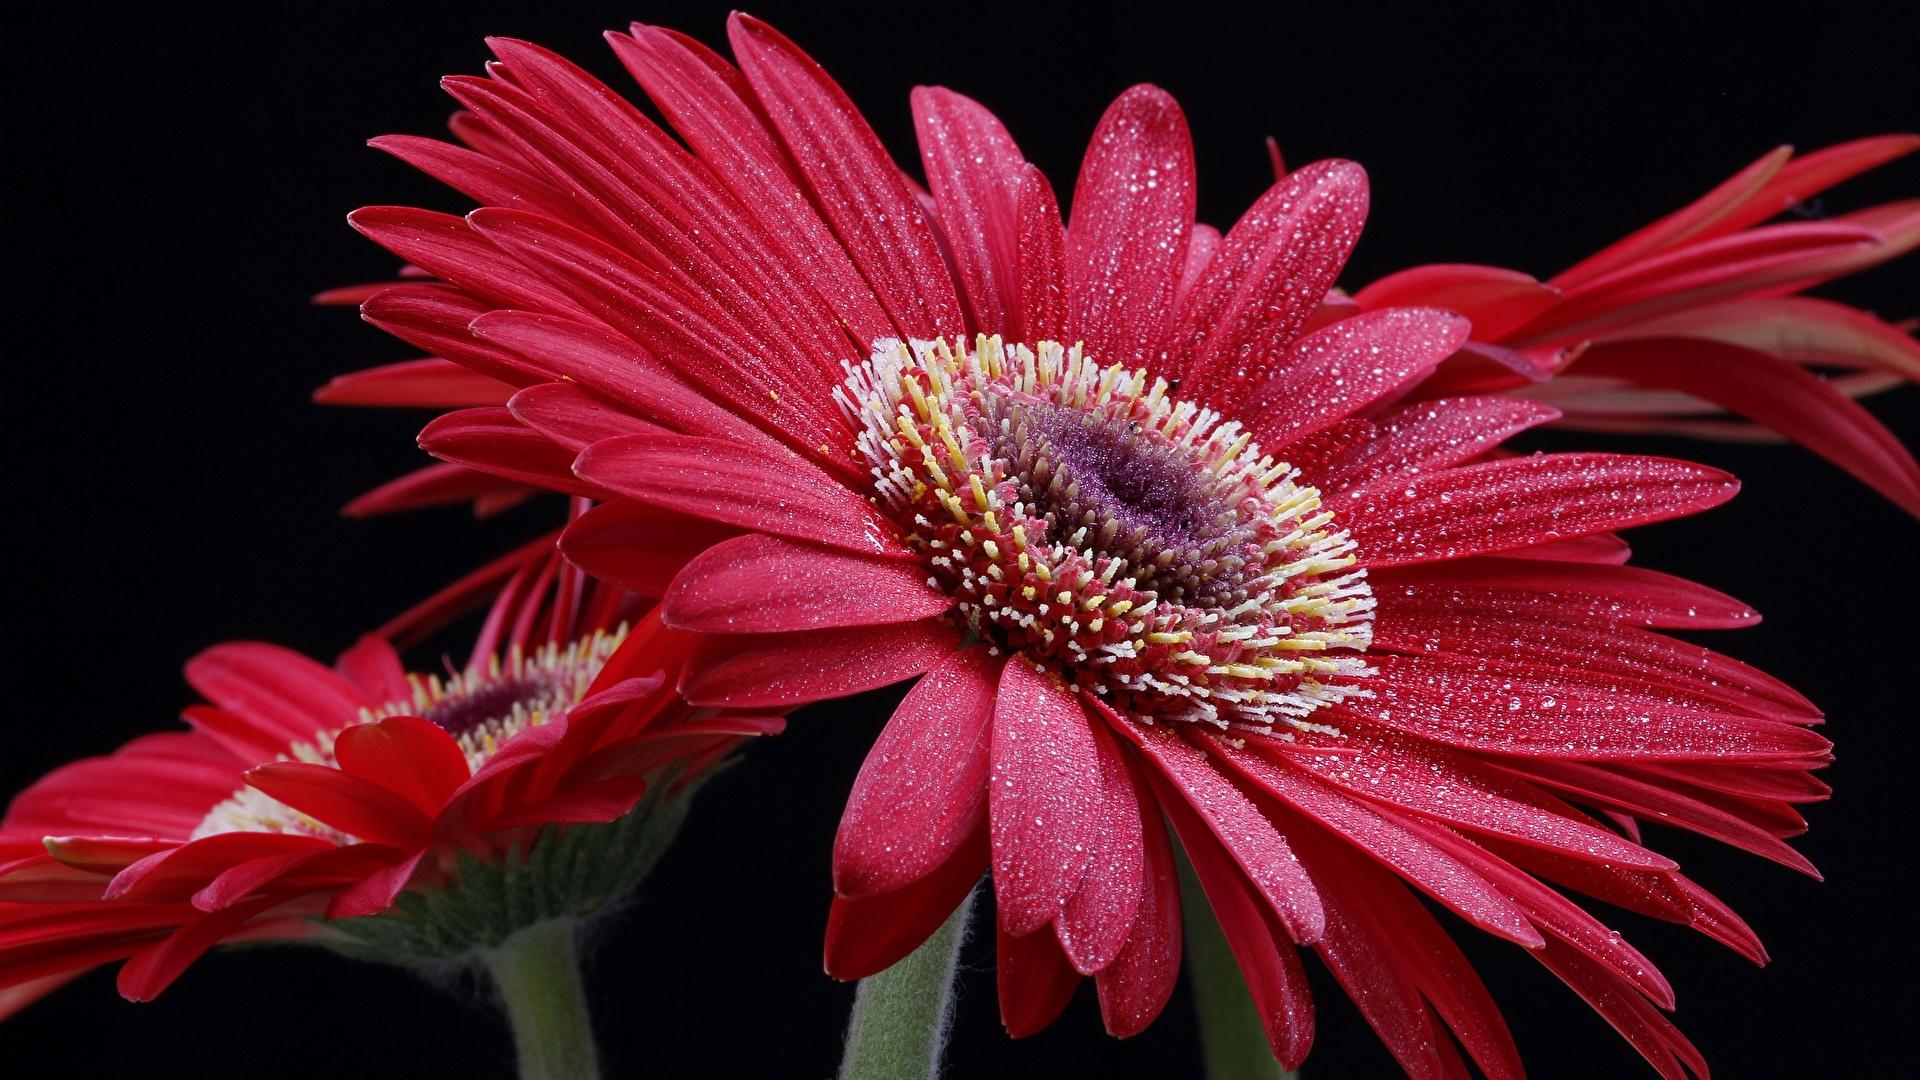 Картинки гербера Капли цветок на черном фоне Крупным планом 1920x1080 Герберы капля Цветы капель капельки вблизи Черный фон